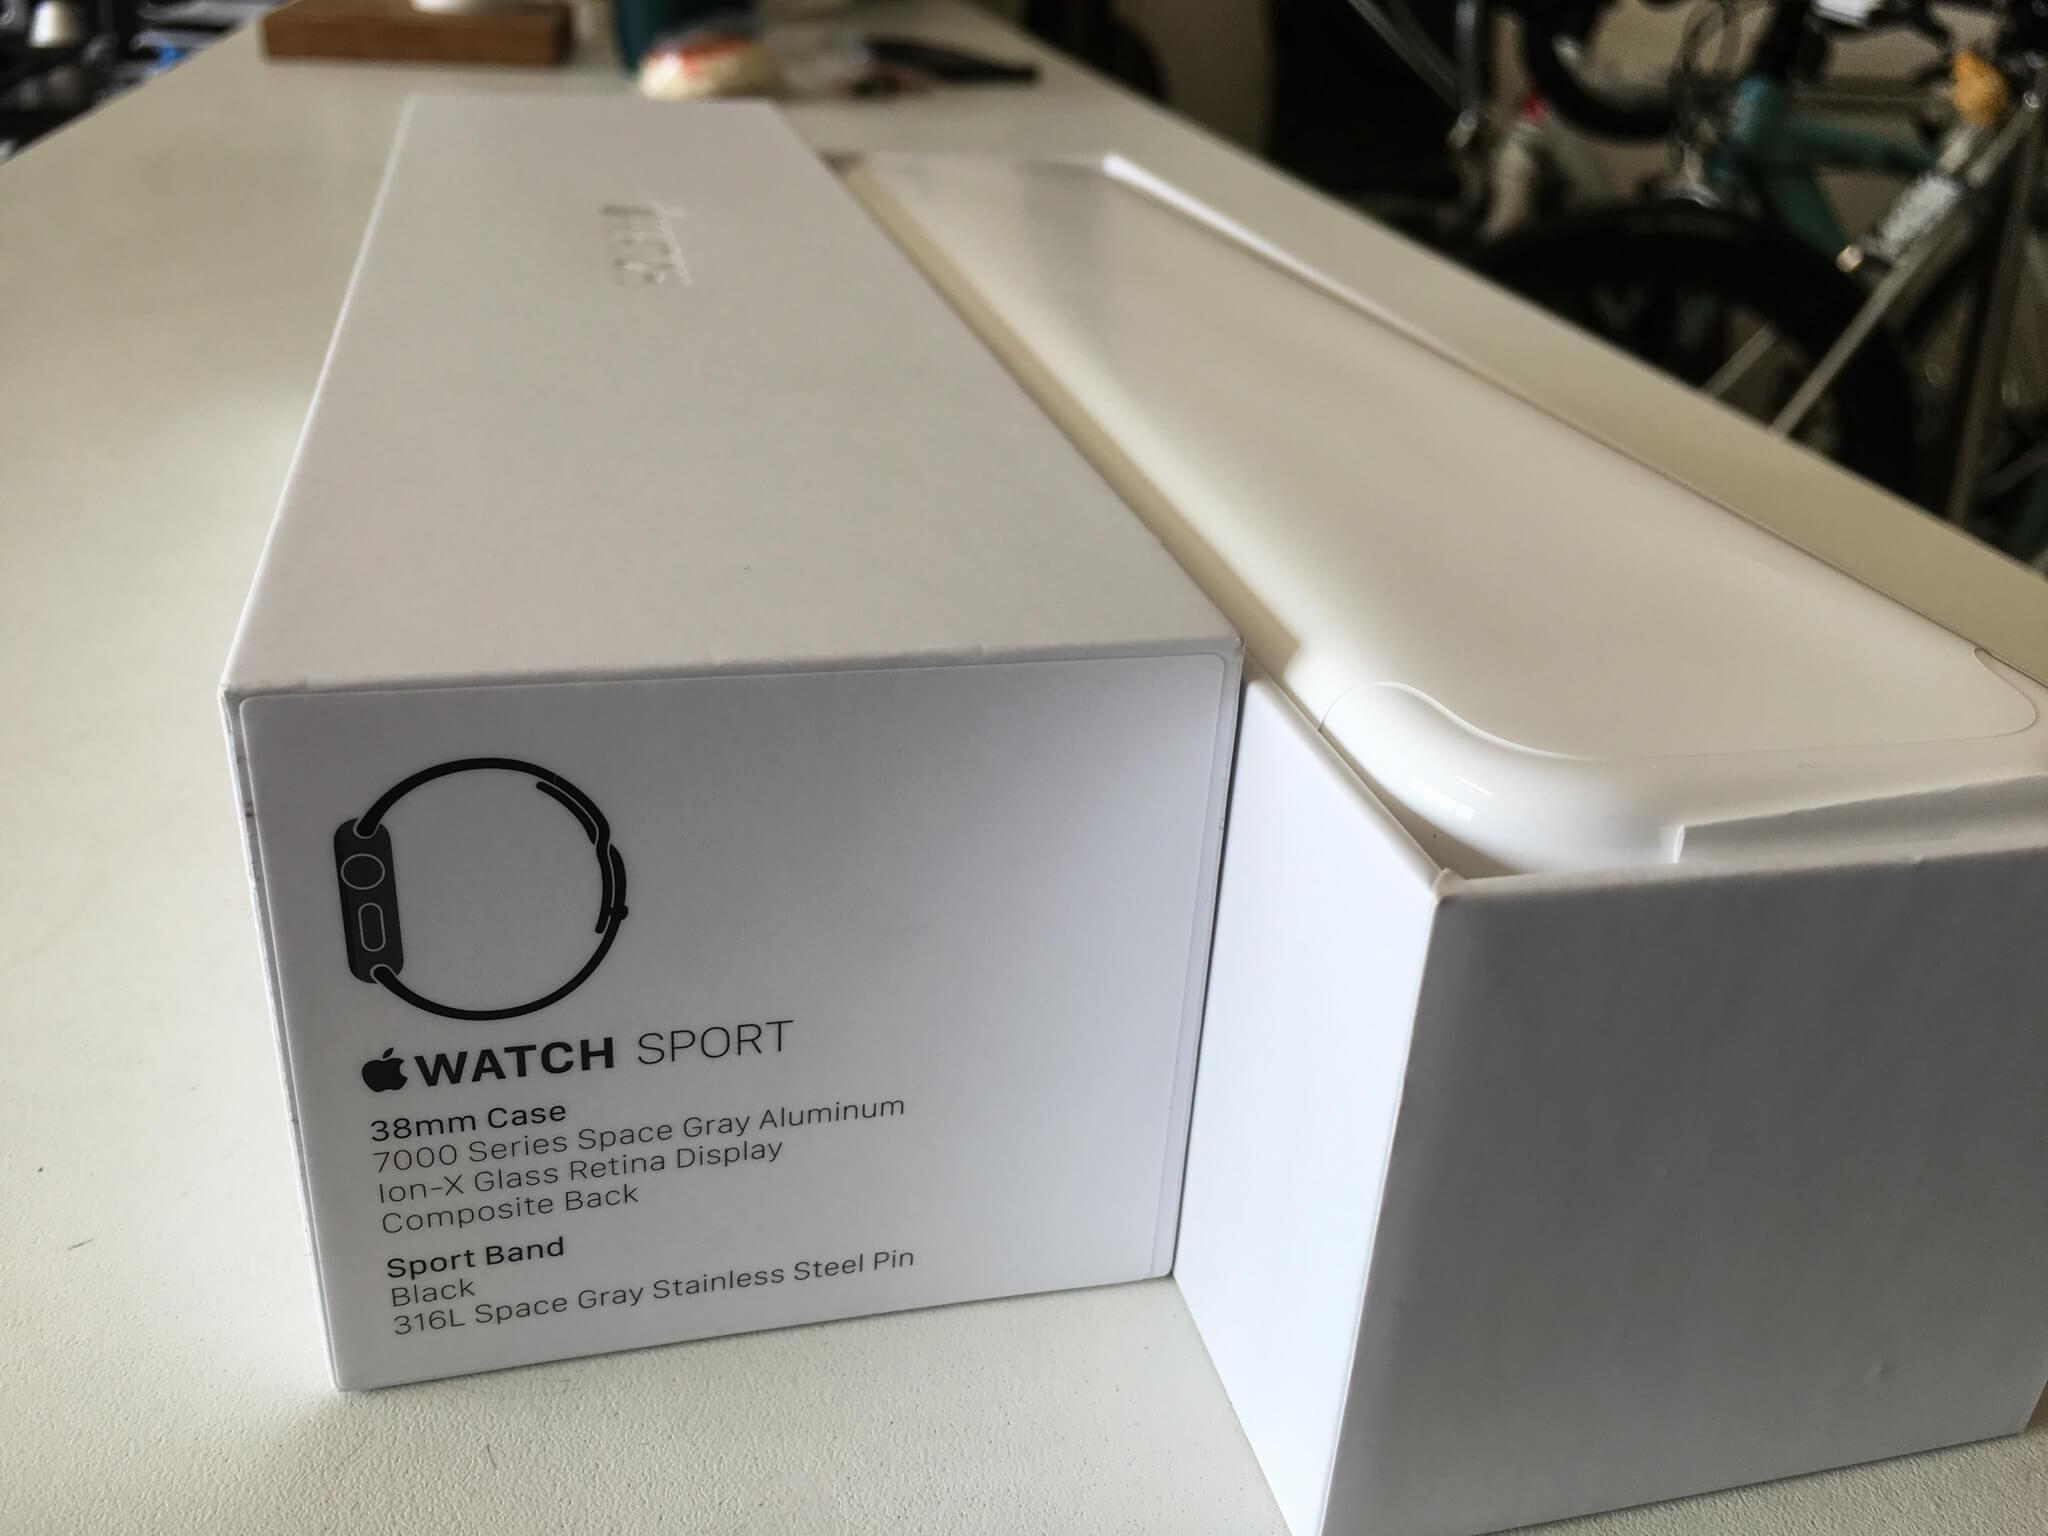 內包裝也是個純白盒裝